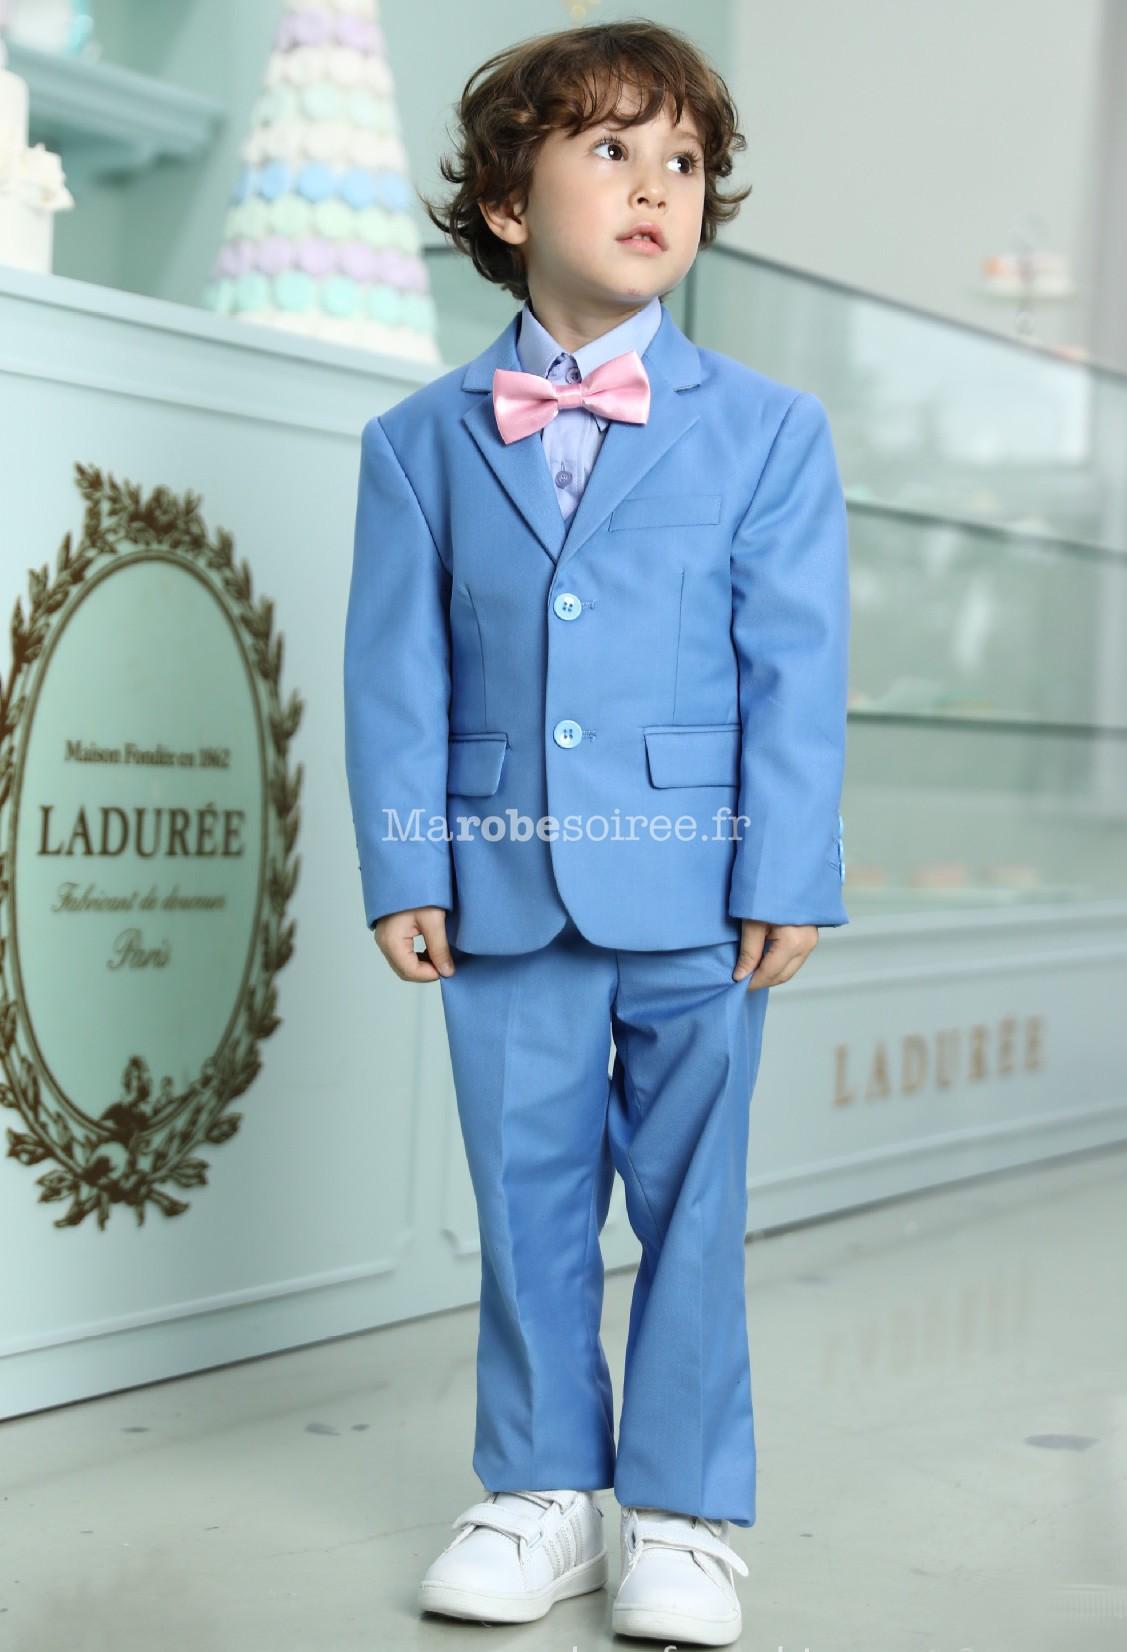 882628ddb8ea7 ... Costume garçon pour mariage en bleu pastel  Costume enfant bleu pastel  ...